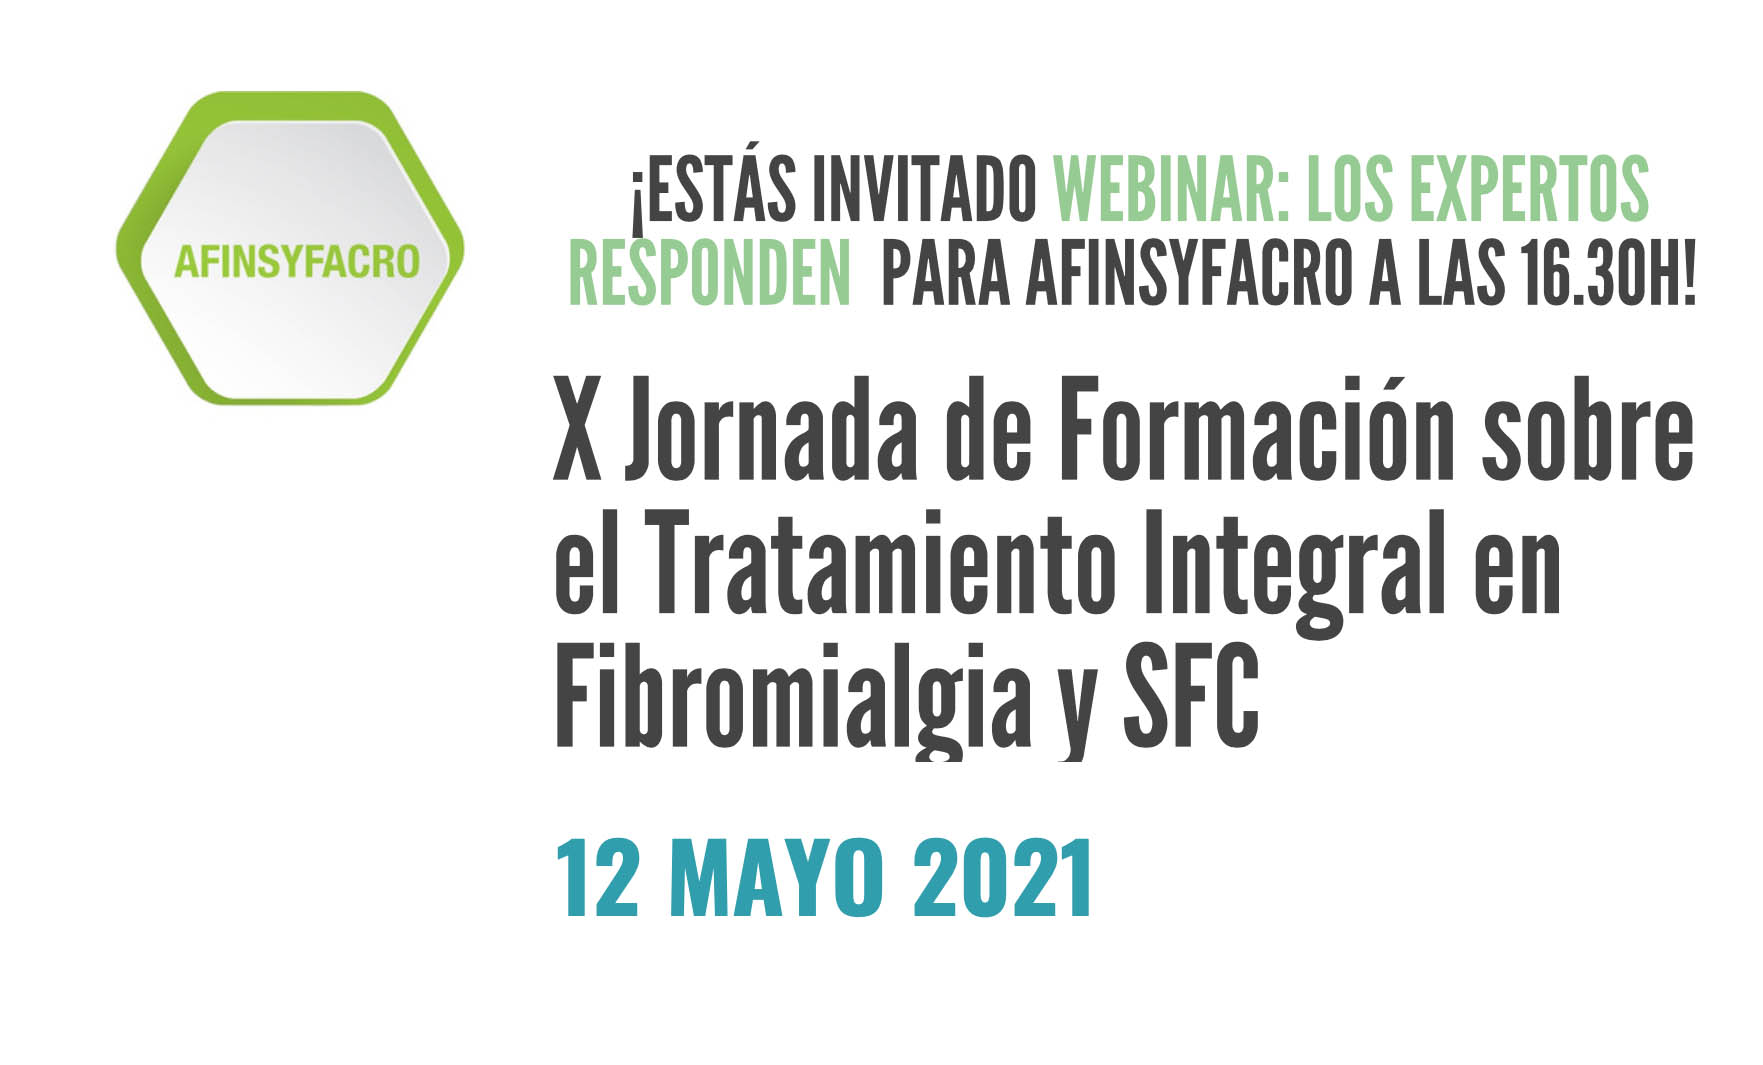 AFINSYFACRO. WEBINAR 2021: X Jornada de Formación Tratamiento integral Fibromialgia y SFC